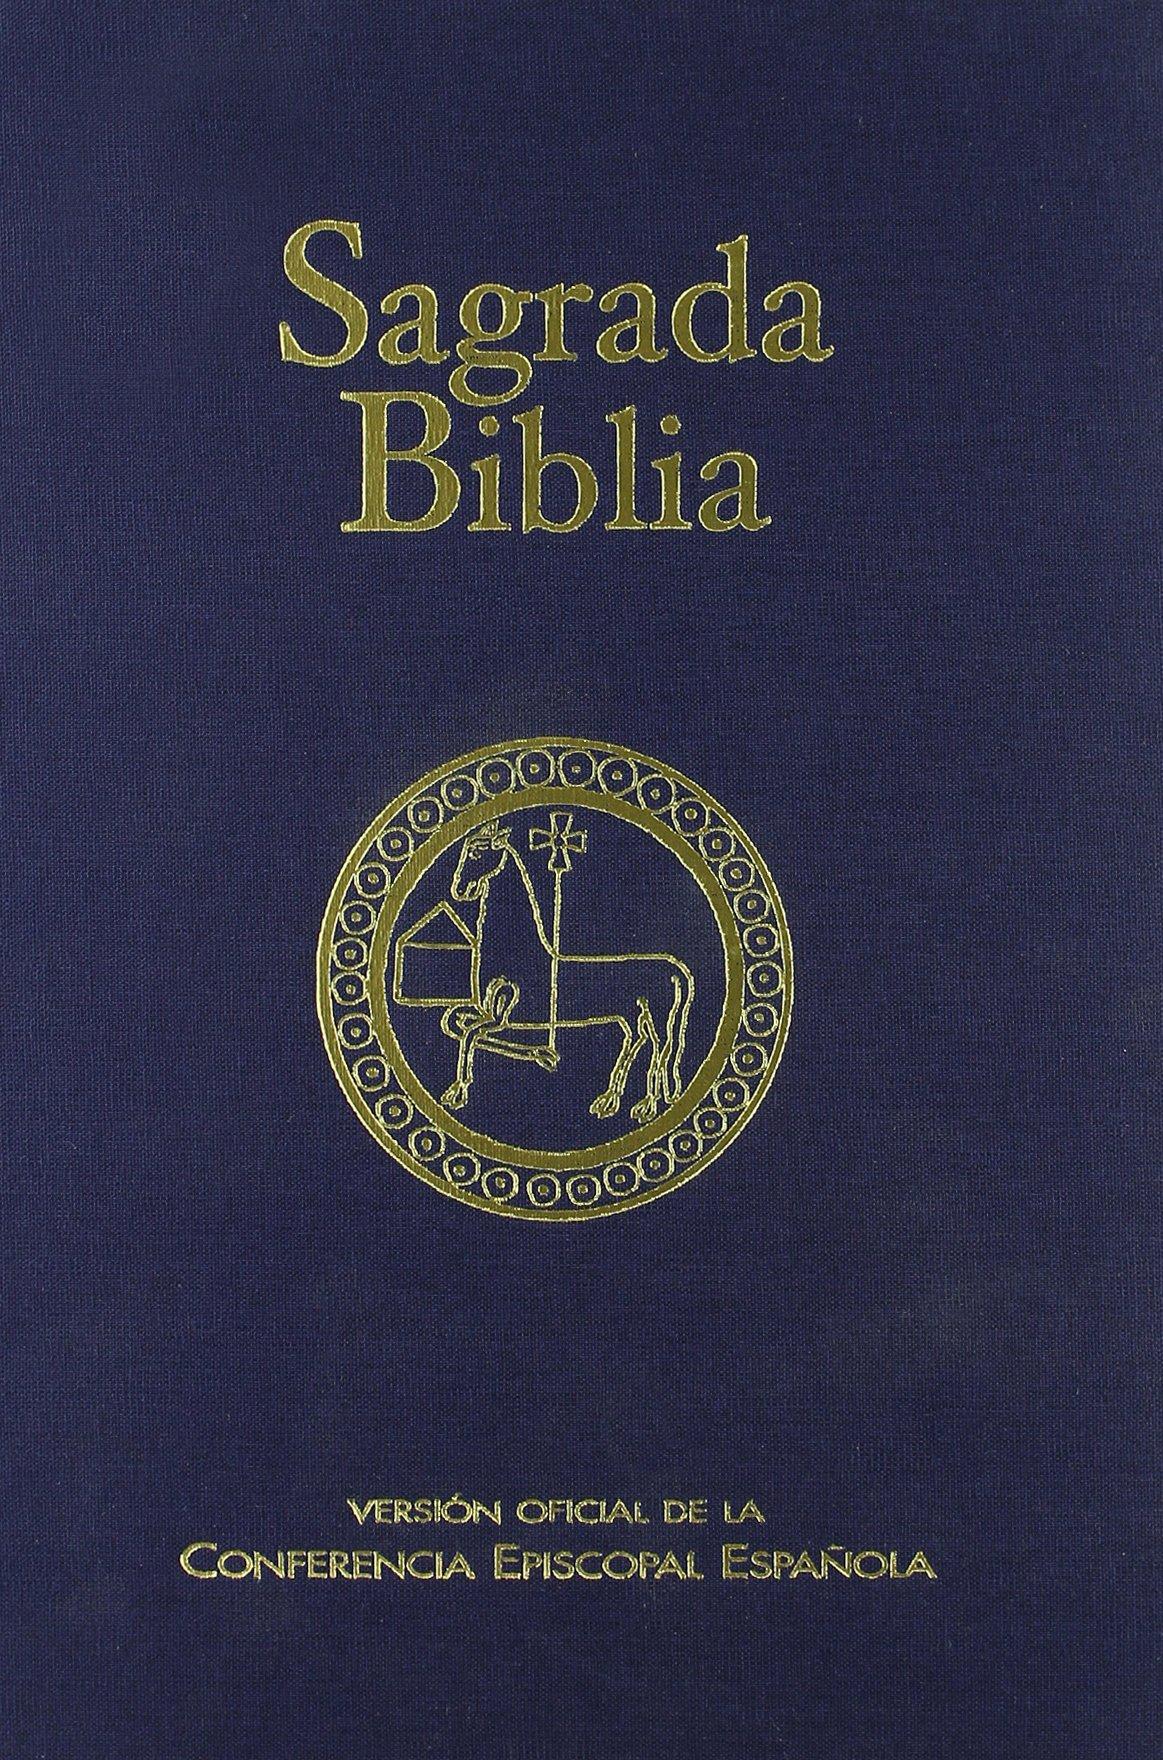 Sagrada Biblia ed. típica - tela : Versión oficial de la Conferencia Episcopal Española: 101 EDICIONES BÍBLICAS: Amazon.es: Conferencia Episcopal Española: Libros